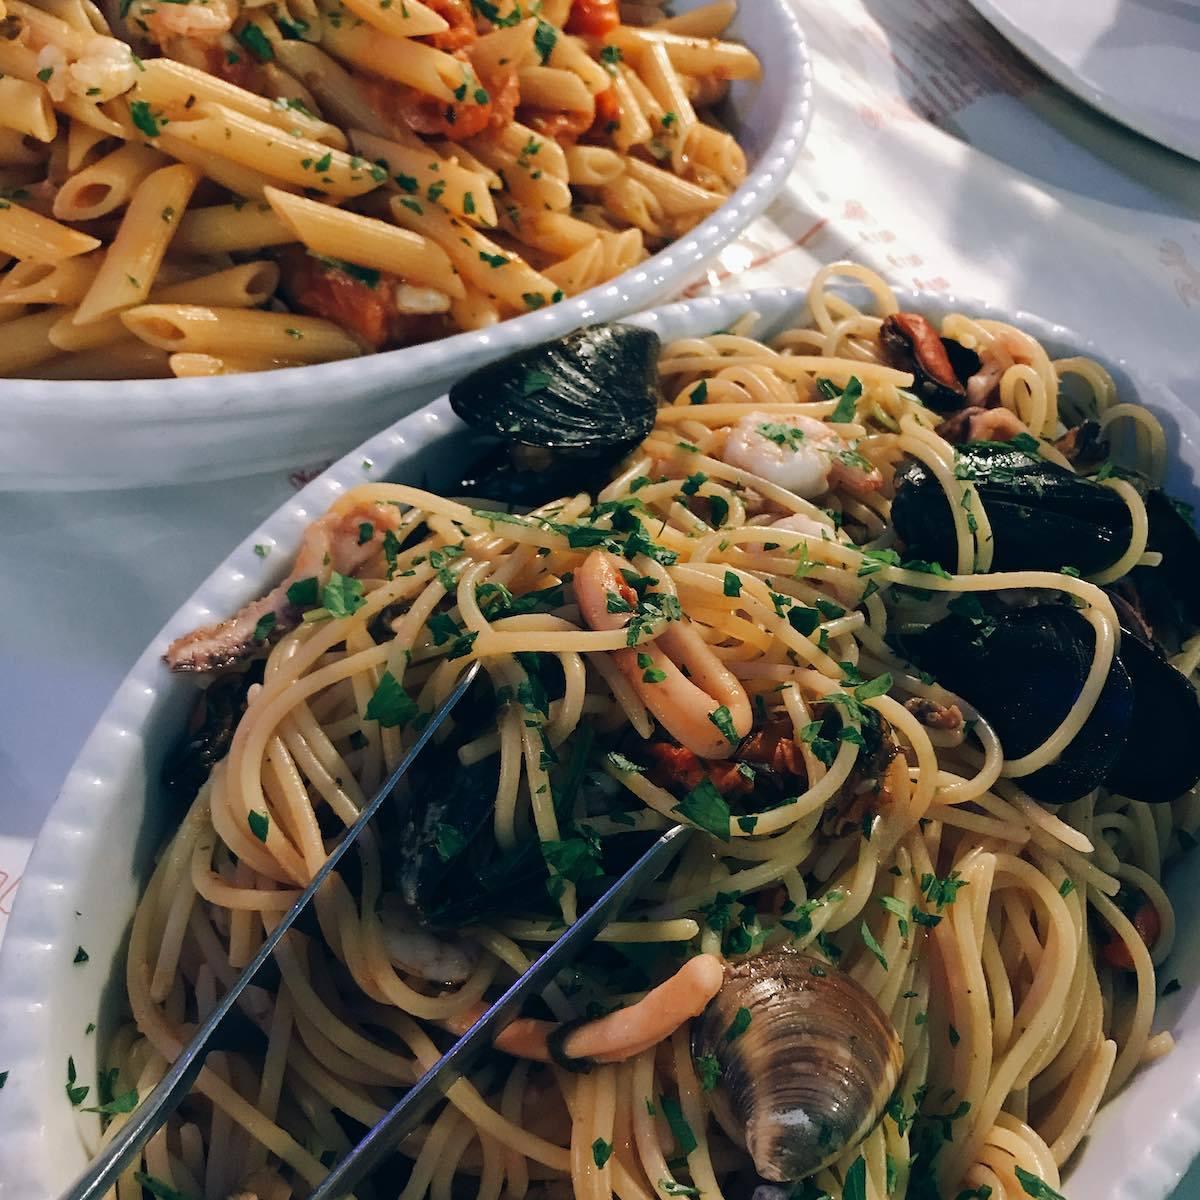 Two seafood pastas